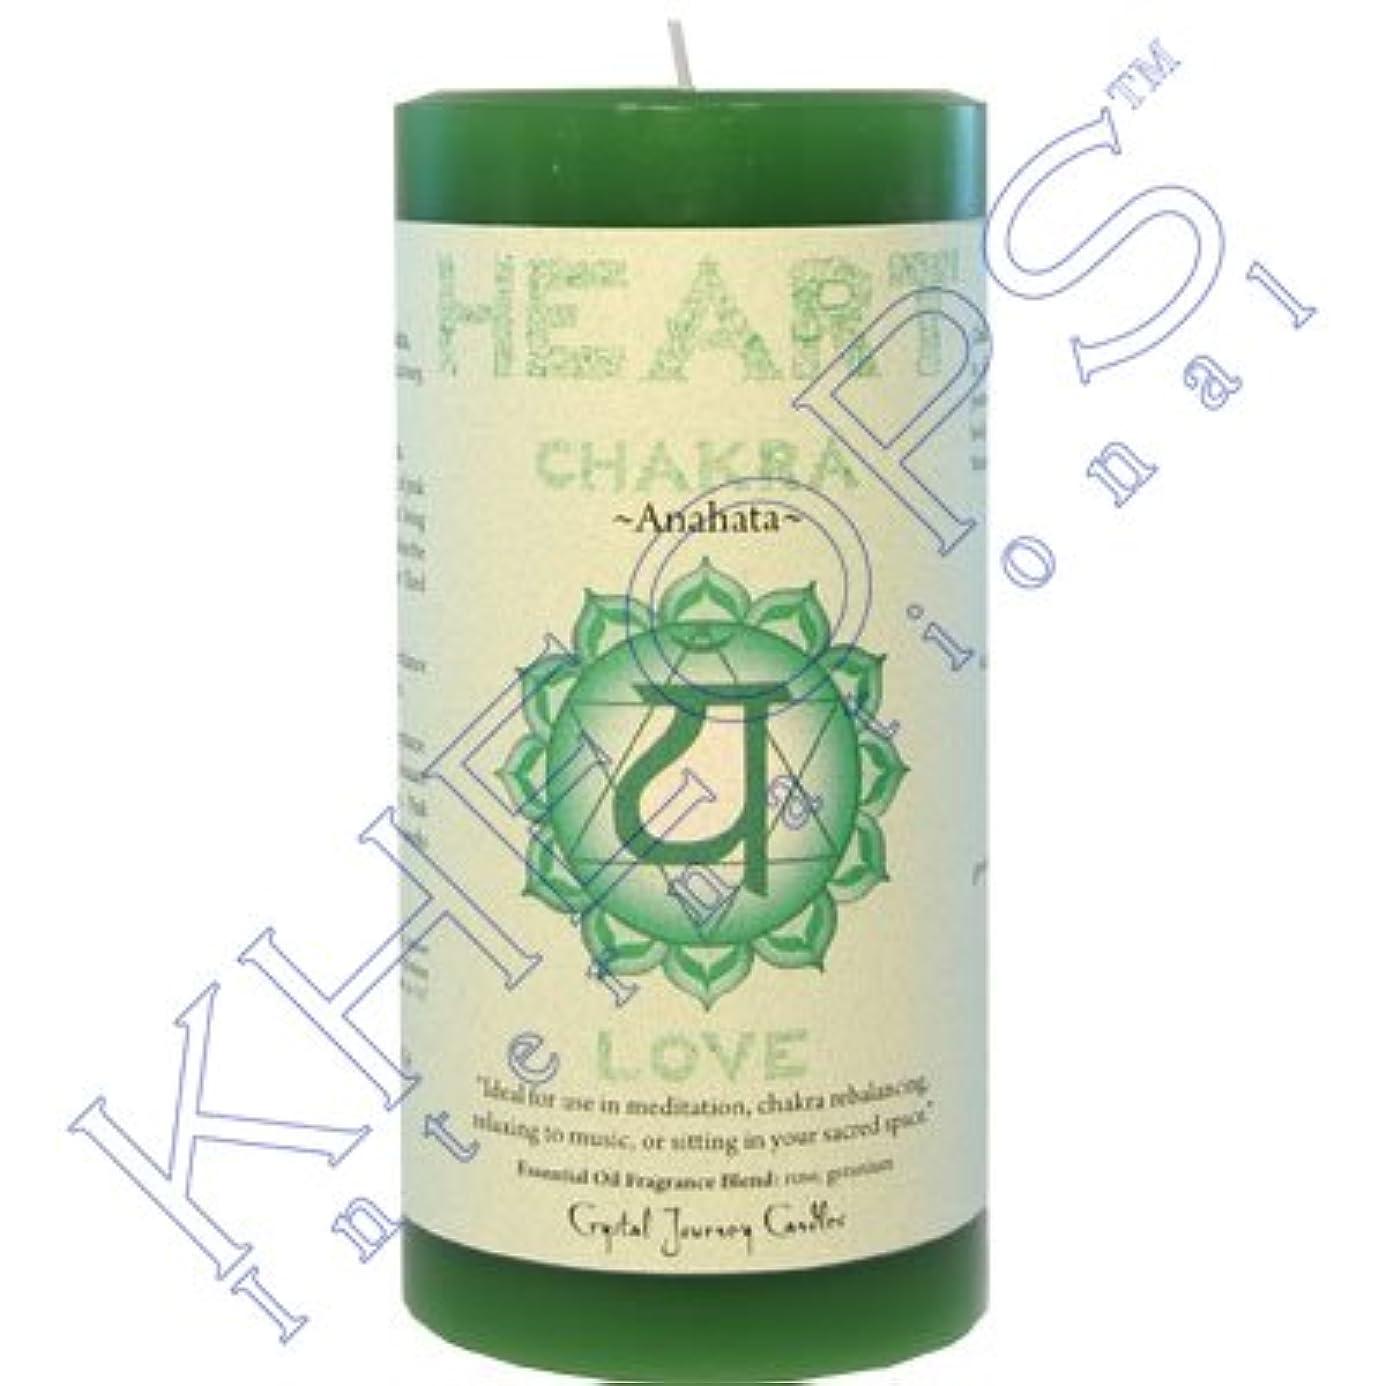 足エチケット恥ずかしいPillar Chakra Green-Heart Anahata by Treasures Stones Crystals & More [並行輸入品]